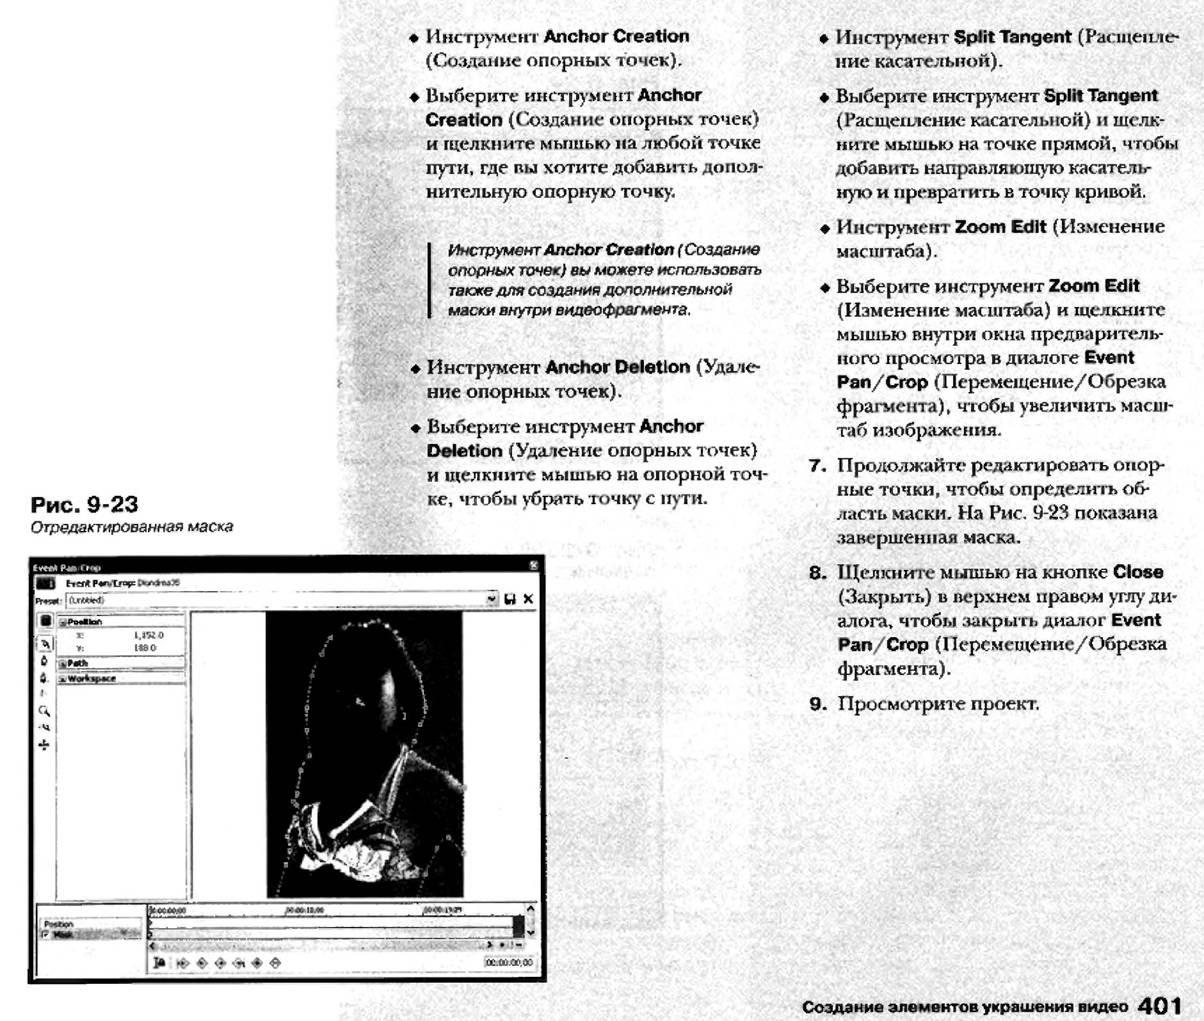 http://redaktori-uroki.3dn.ru/_ph/12/238552322.jpg